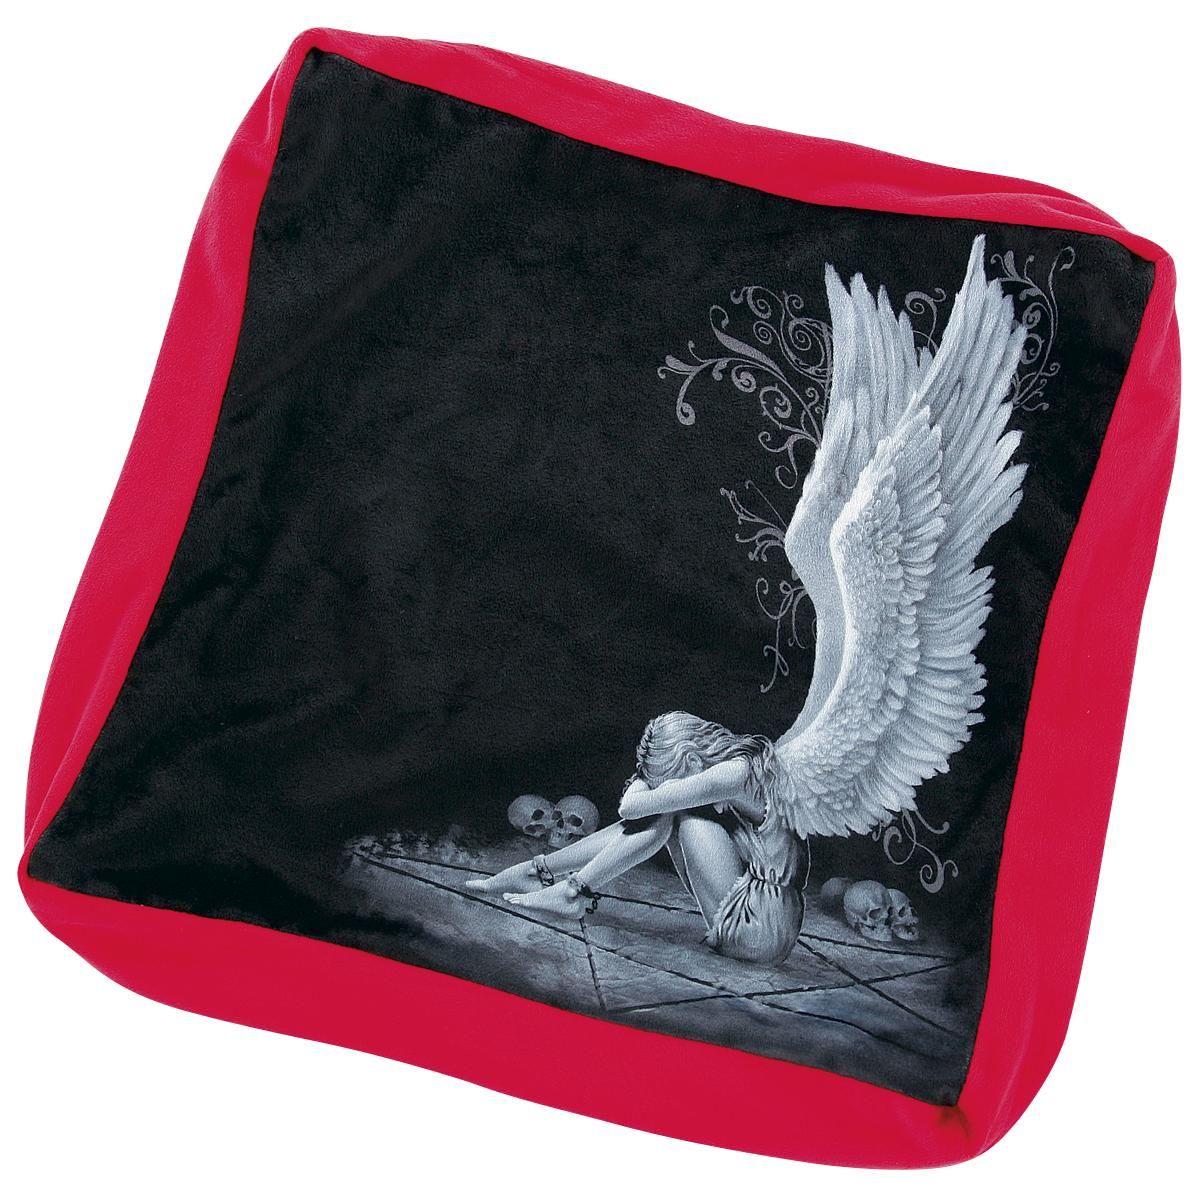 """Cuscino con stampa """"Enslaved Angel"""" della collezione #Spiral. Dimensioni: 40 x 40 cm circa. 100% poliestere."""